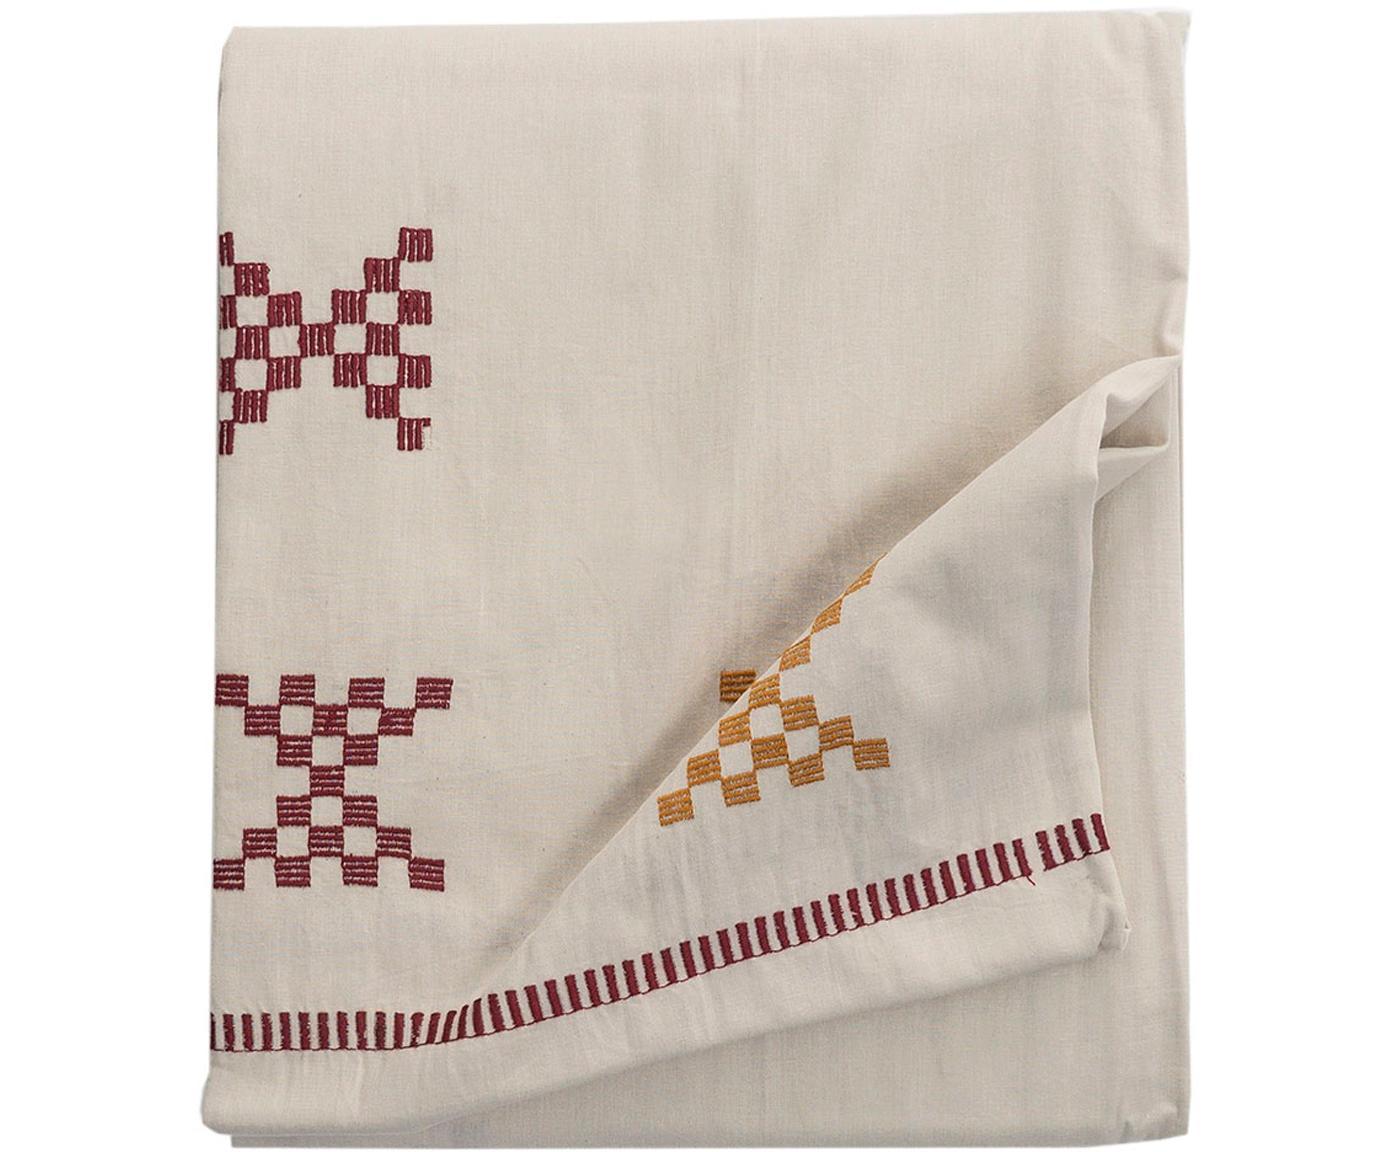 Tischdecke Kelti, Baumwolle, Gebrochenes Weiß, Rot, Gelb, Für 6 - 8 Personen (B 160 x L 250 cm)